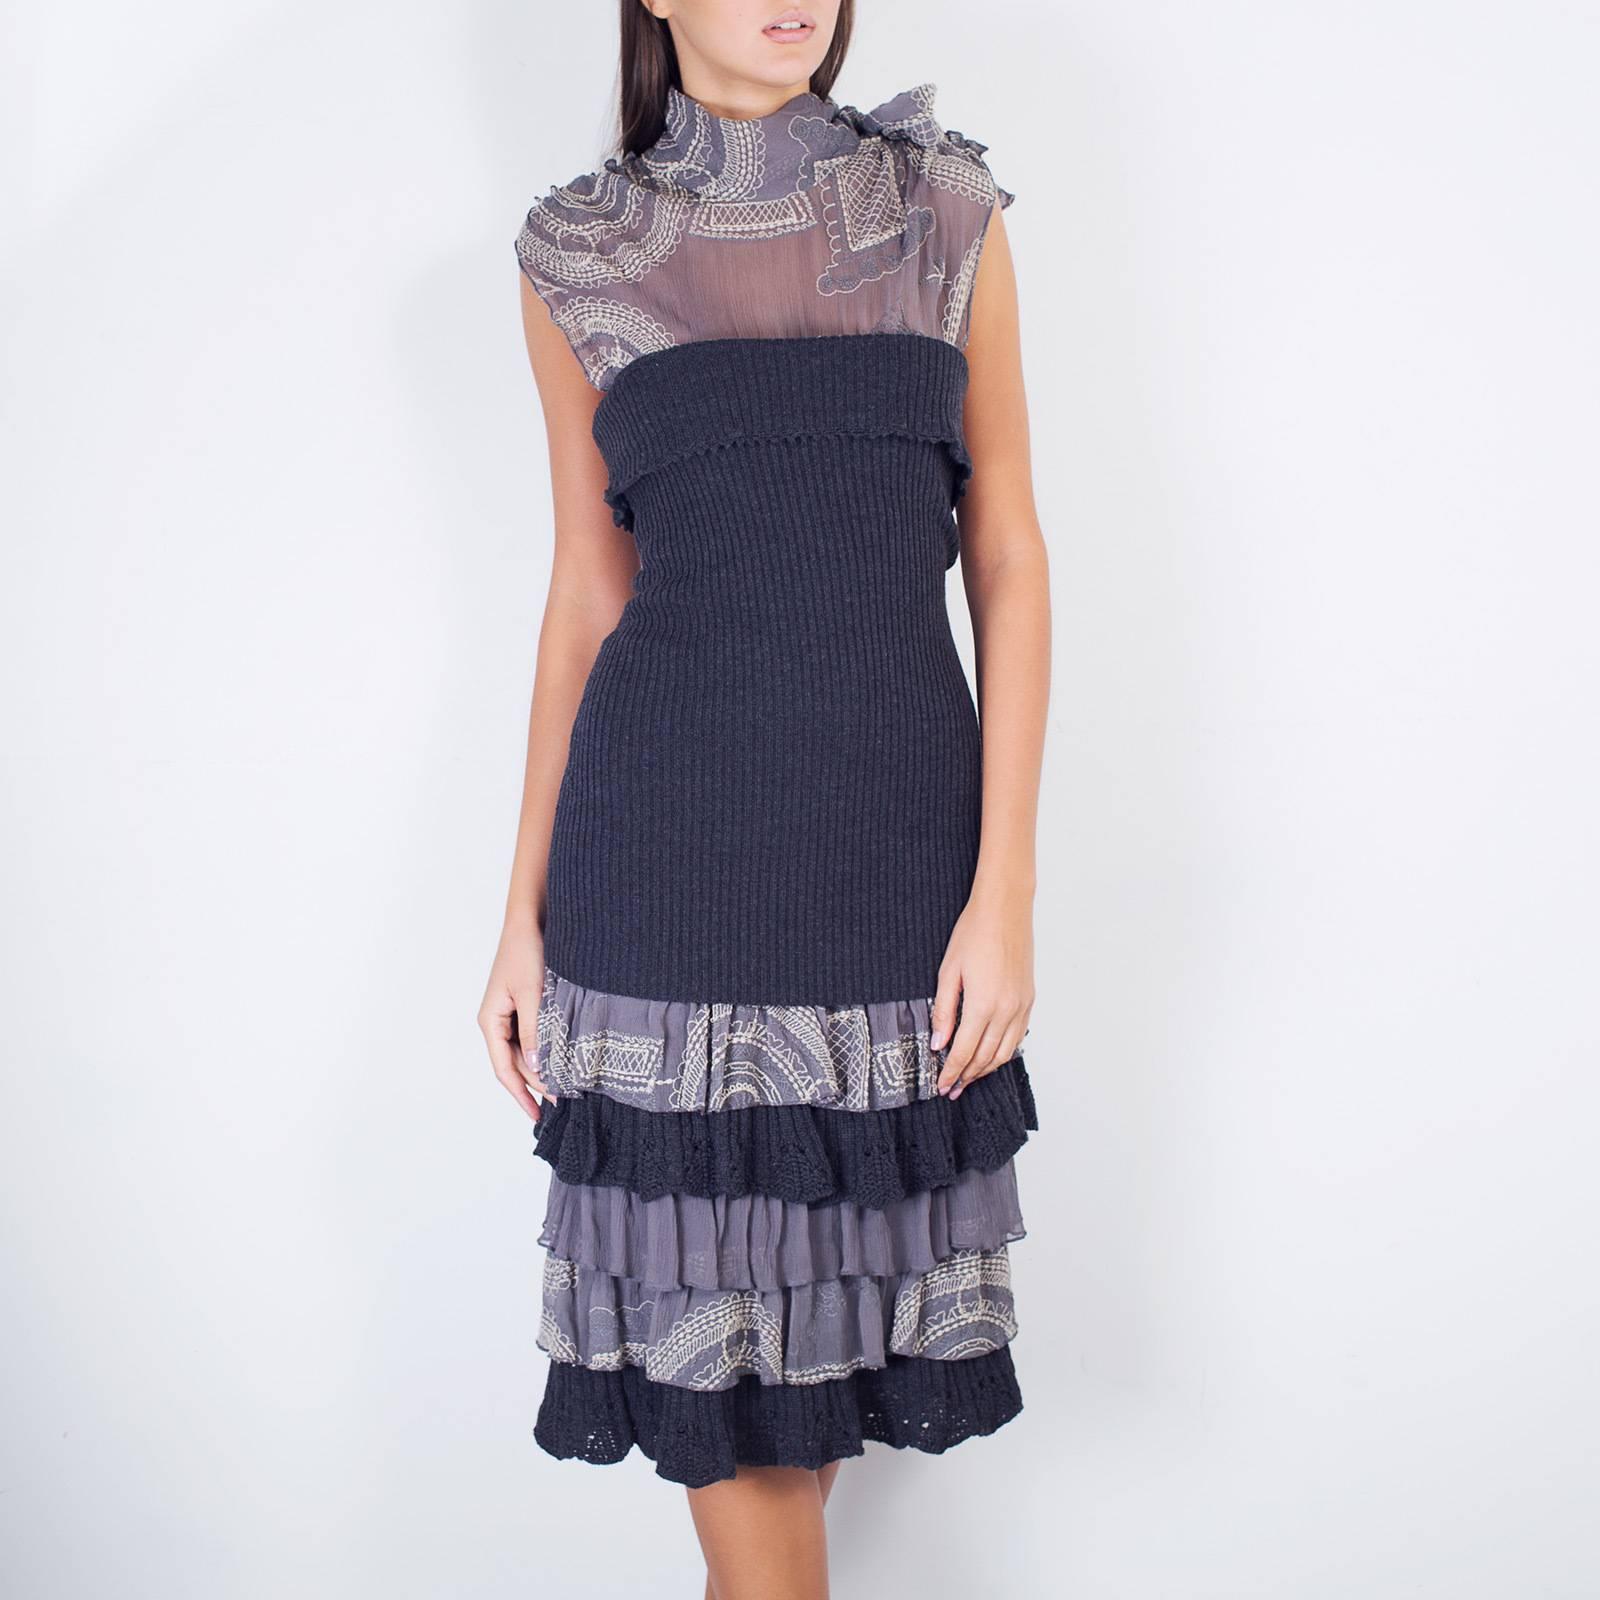 Купить Платье Цена С Доставкой